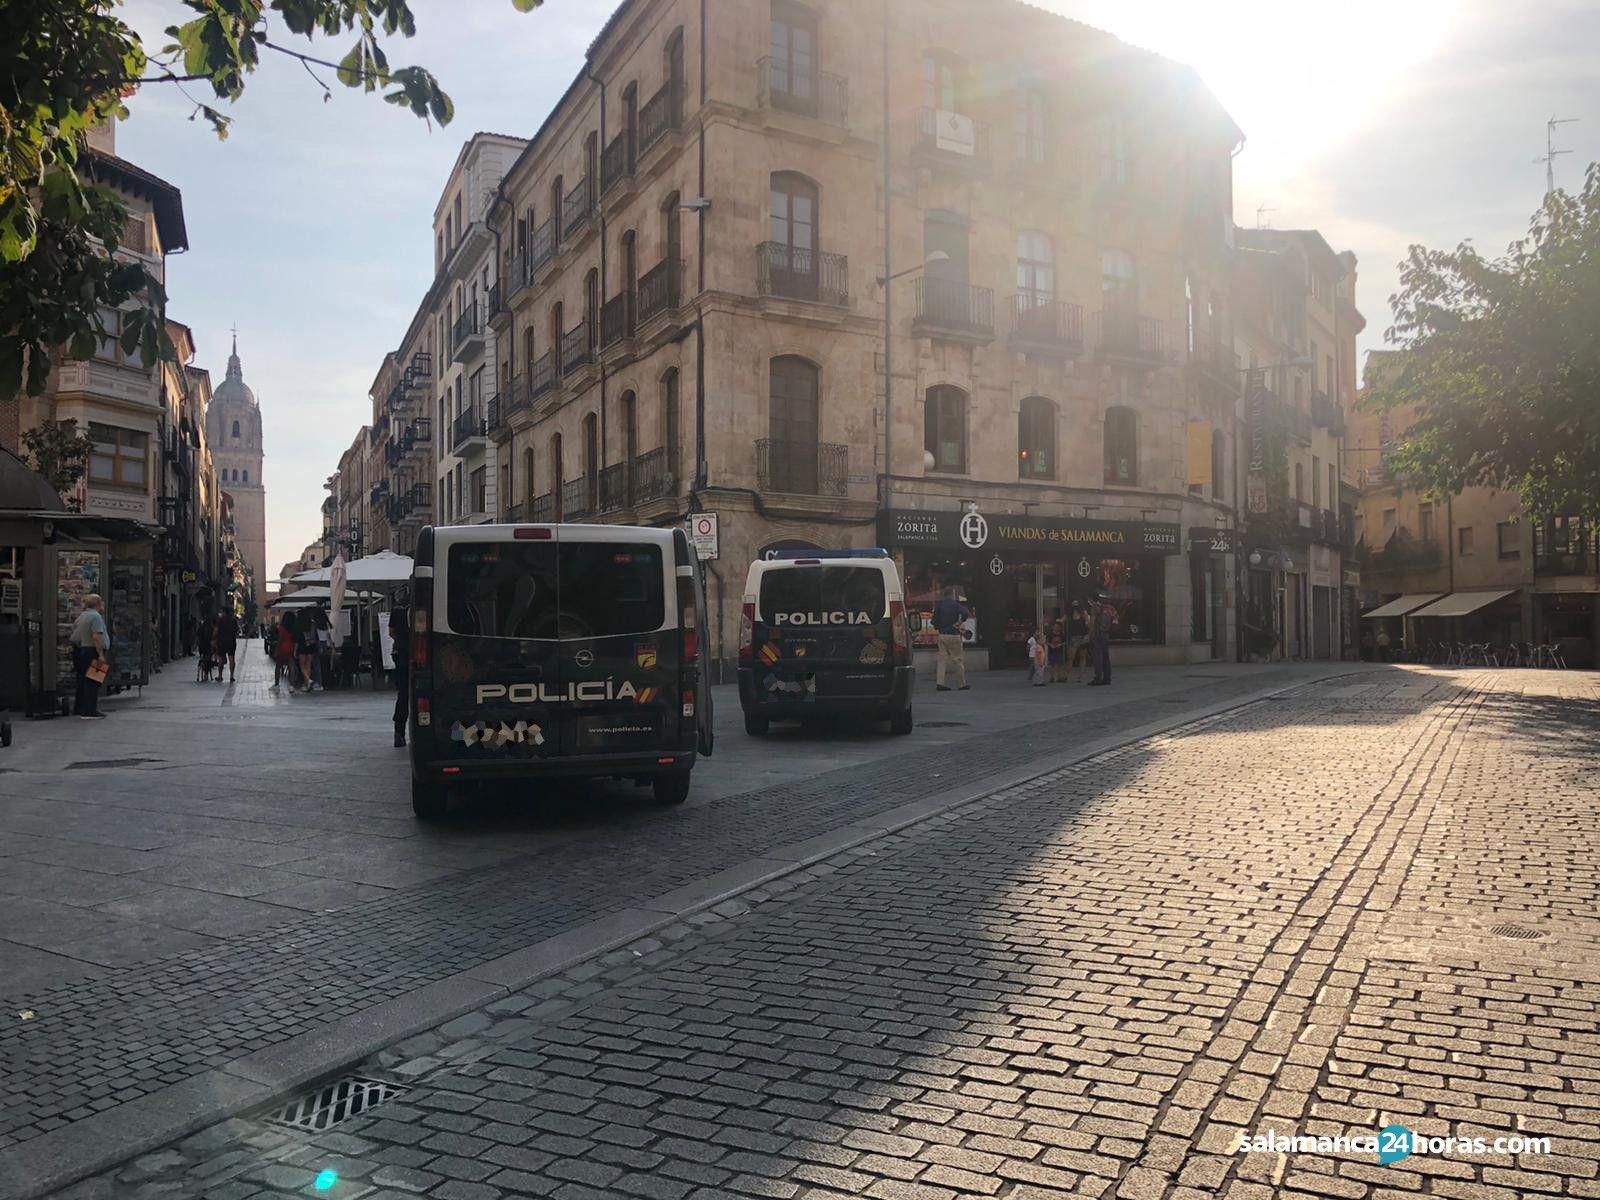 Policía calle rúa (2)